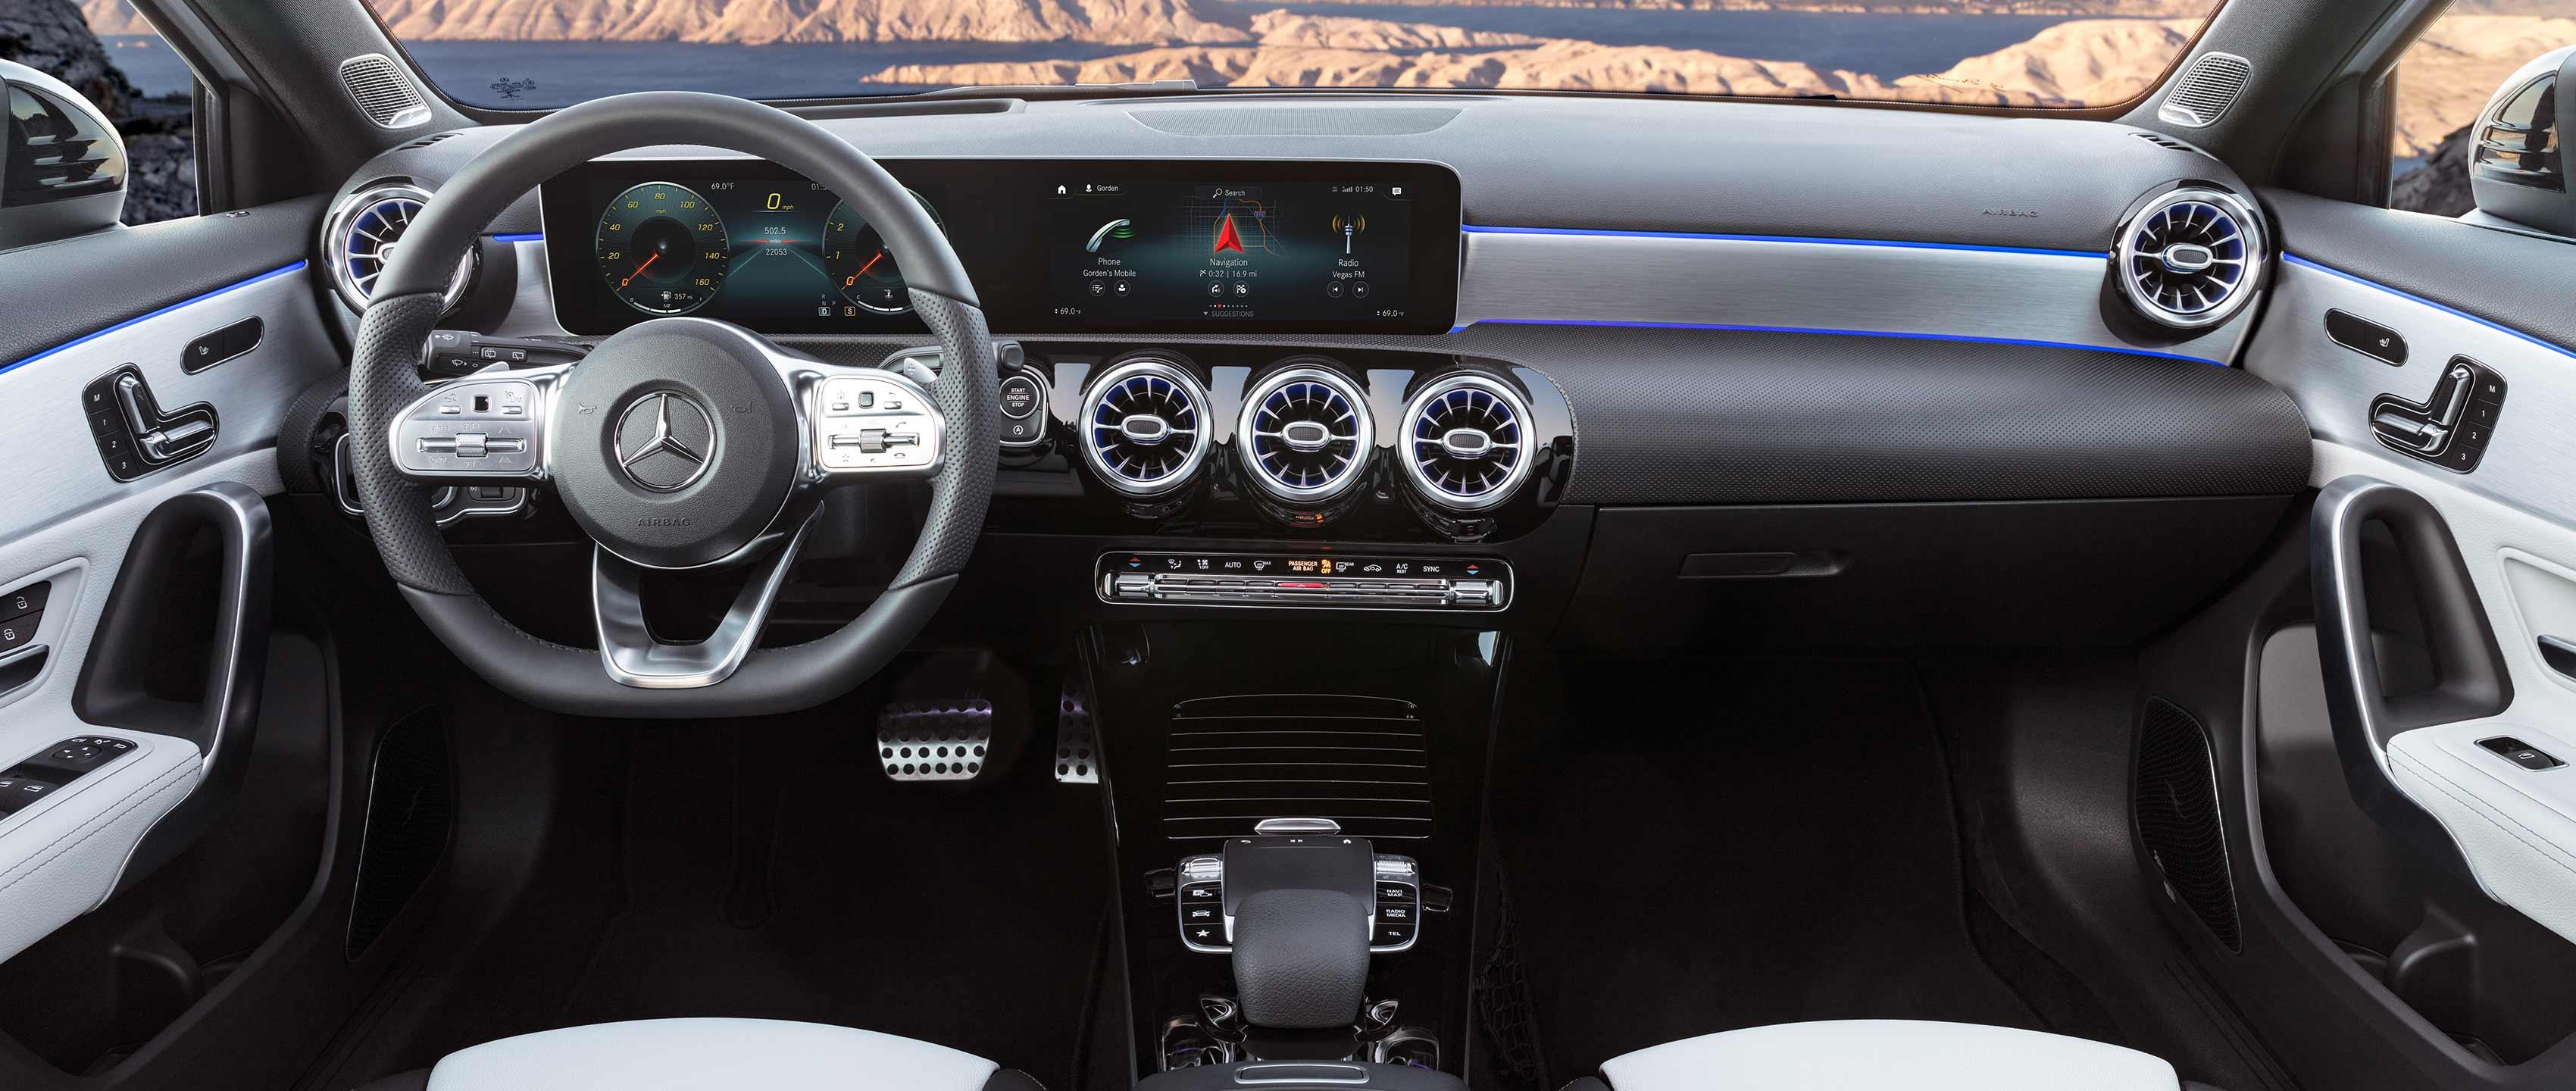 Compacto Mercedes Clase A 2018: interior